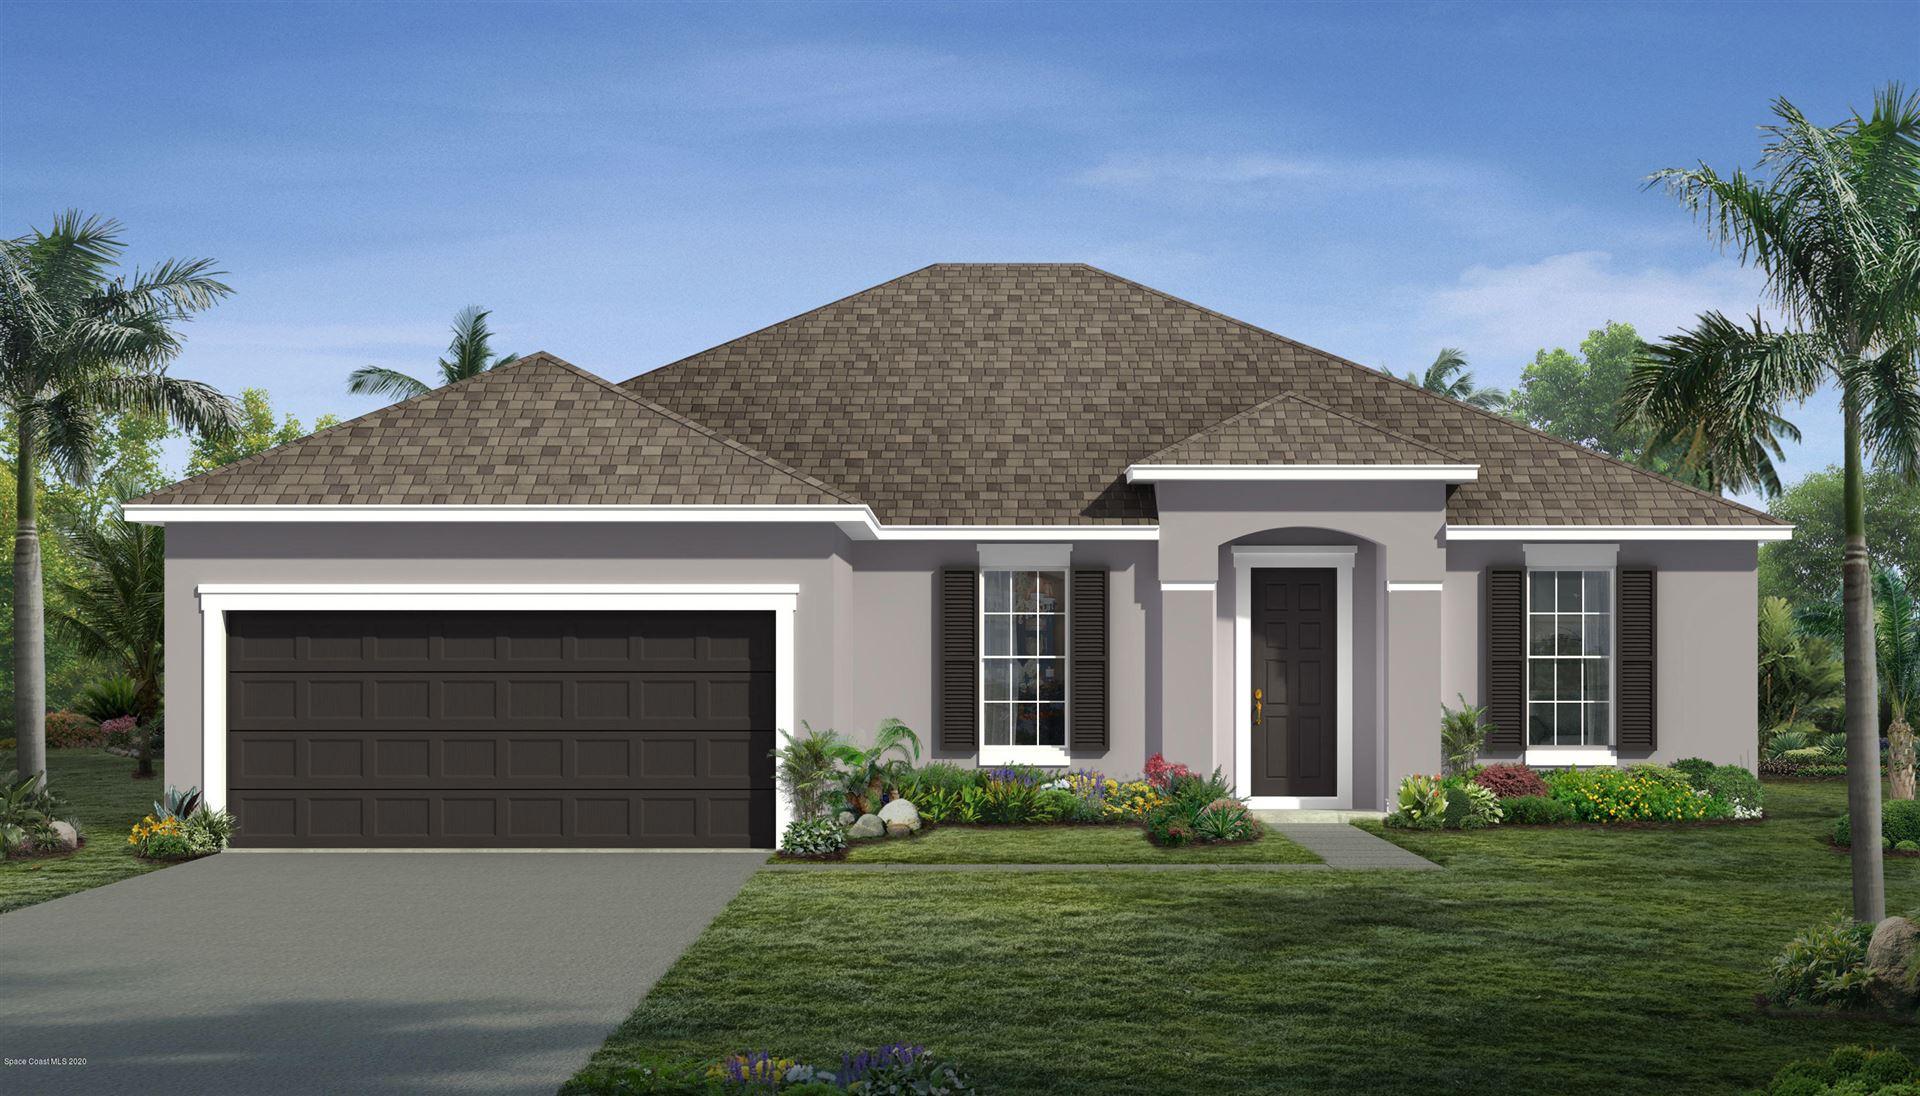 588 Haleybury Street, Palm Bay, FL 32908 - #: 914898